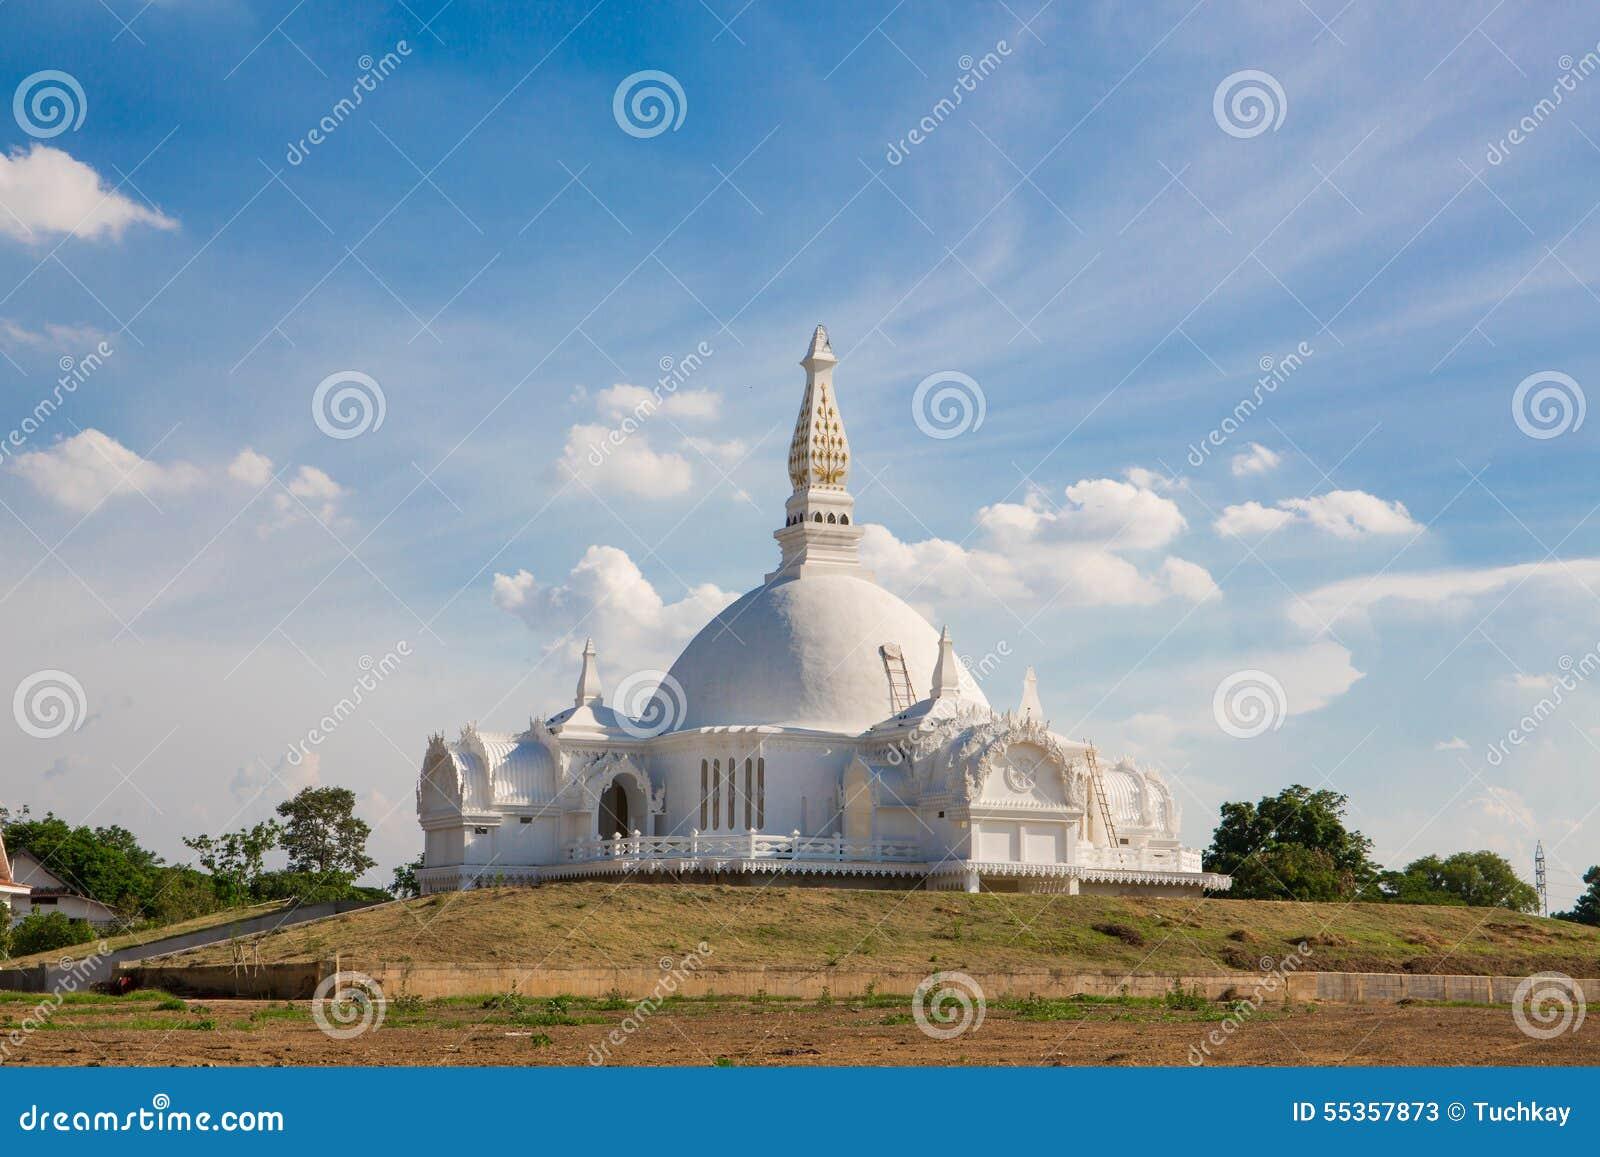 Bueng di Wat latthiwan